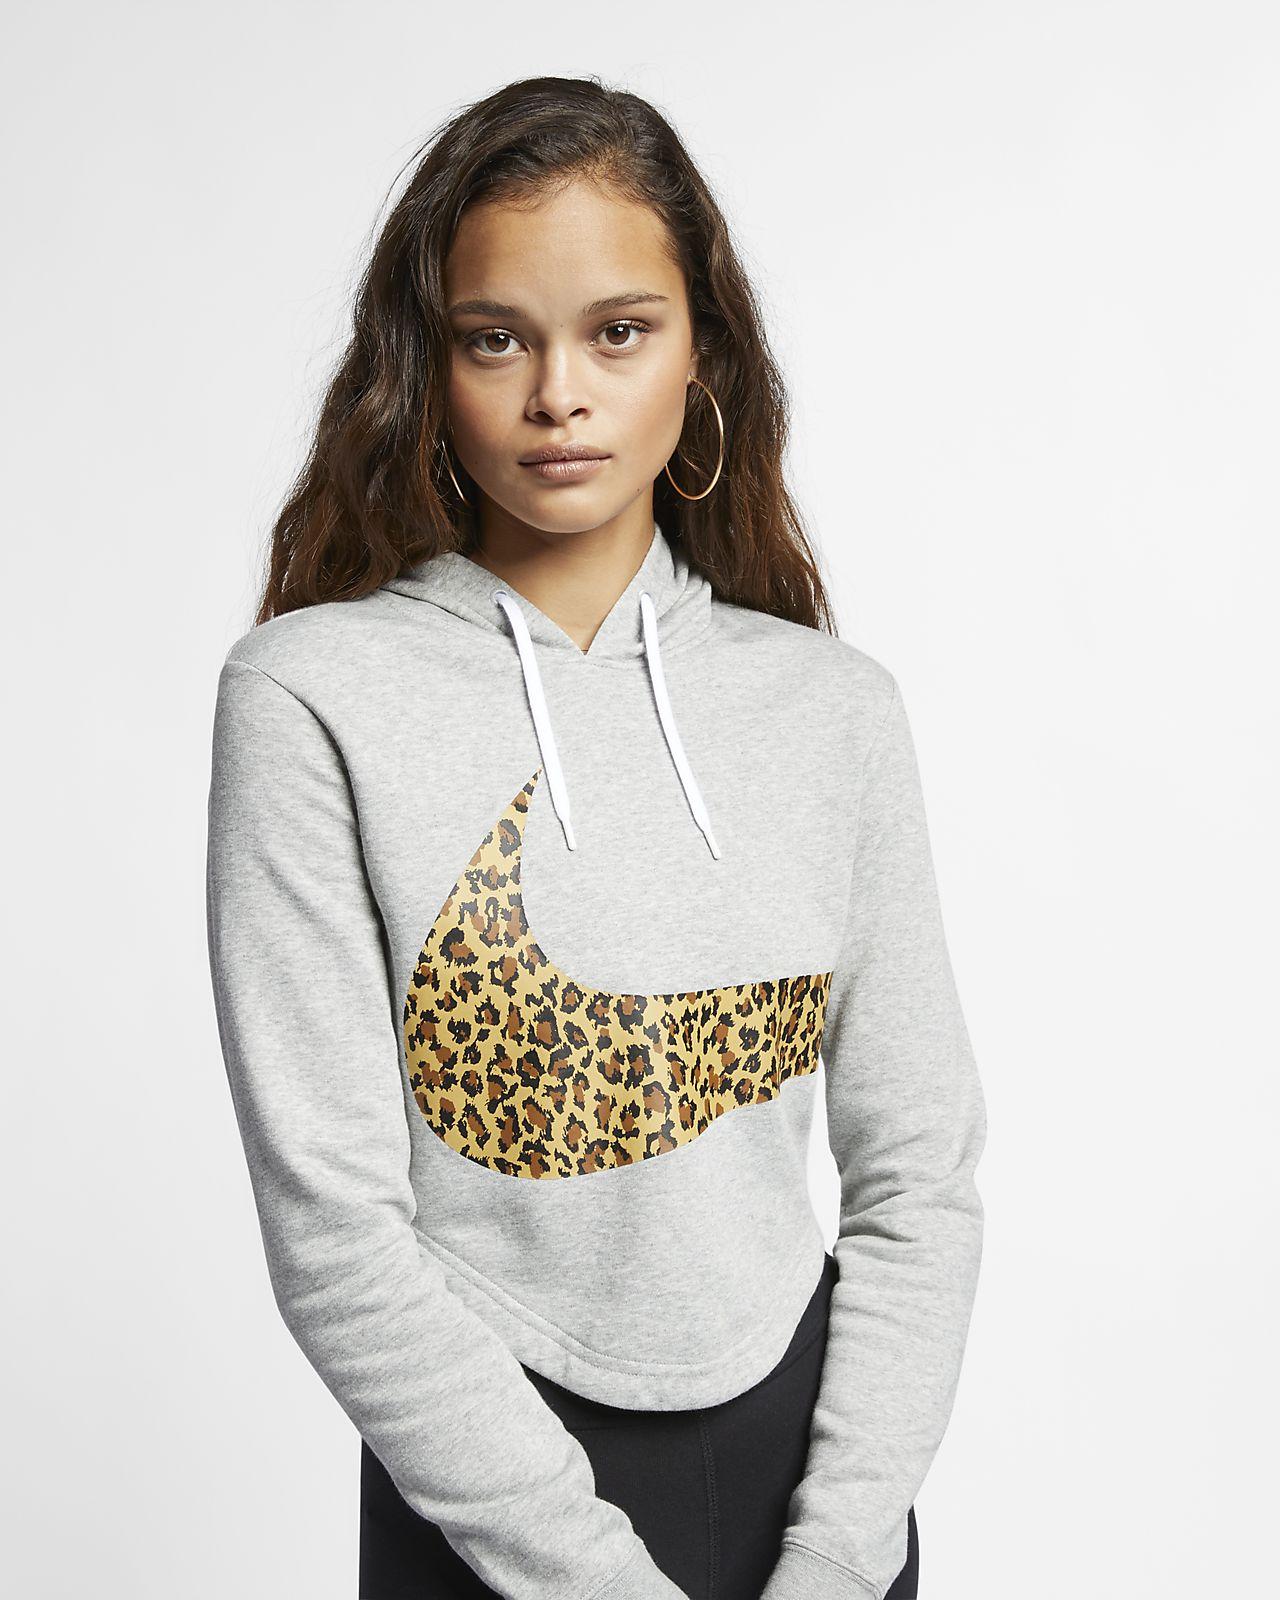 cfb27bb6caf51 ... Sweat à capuche court à imprimé animal Nike Sportswear pour Femme